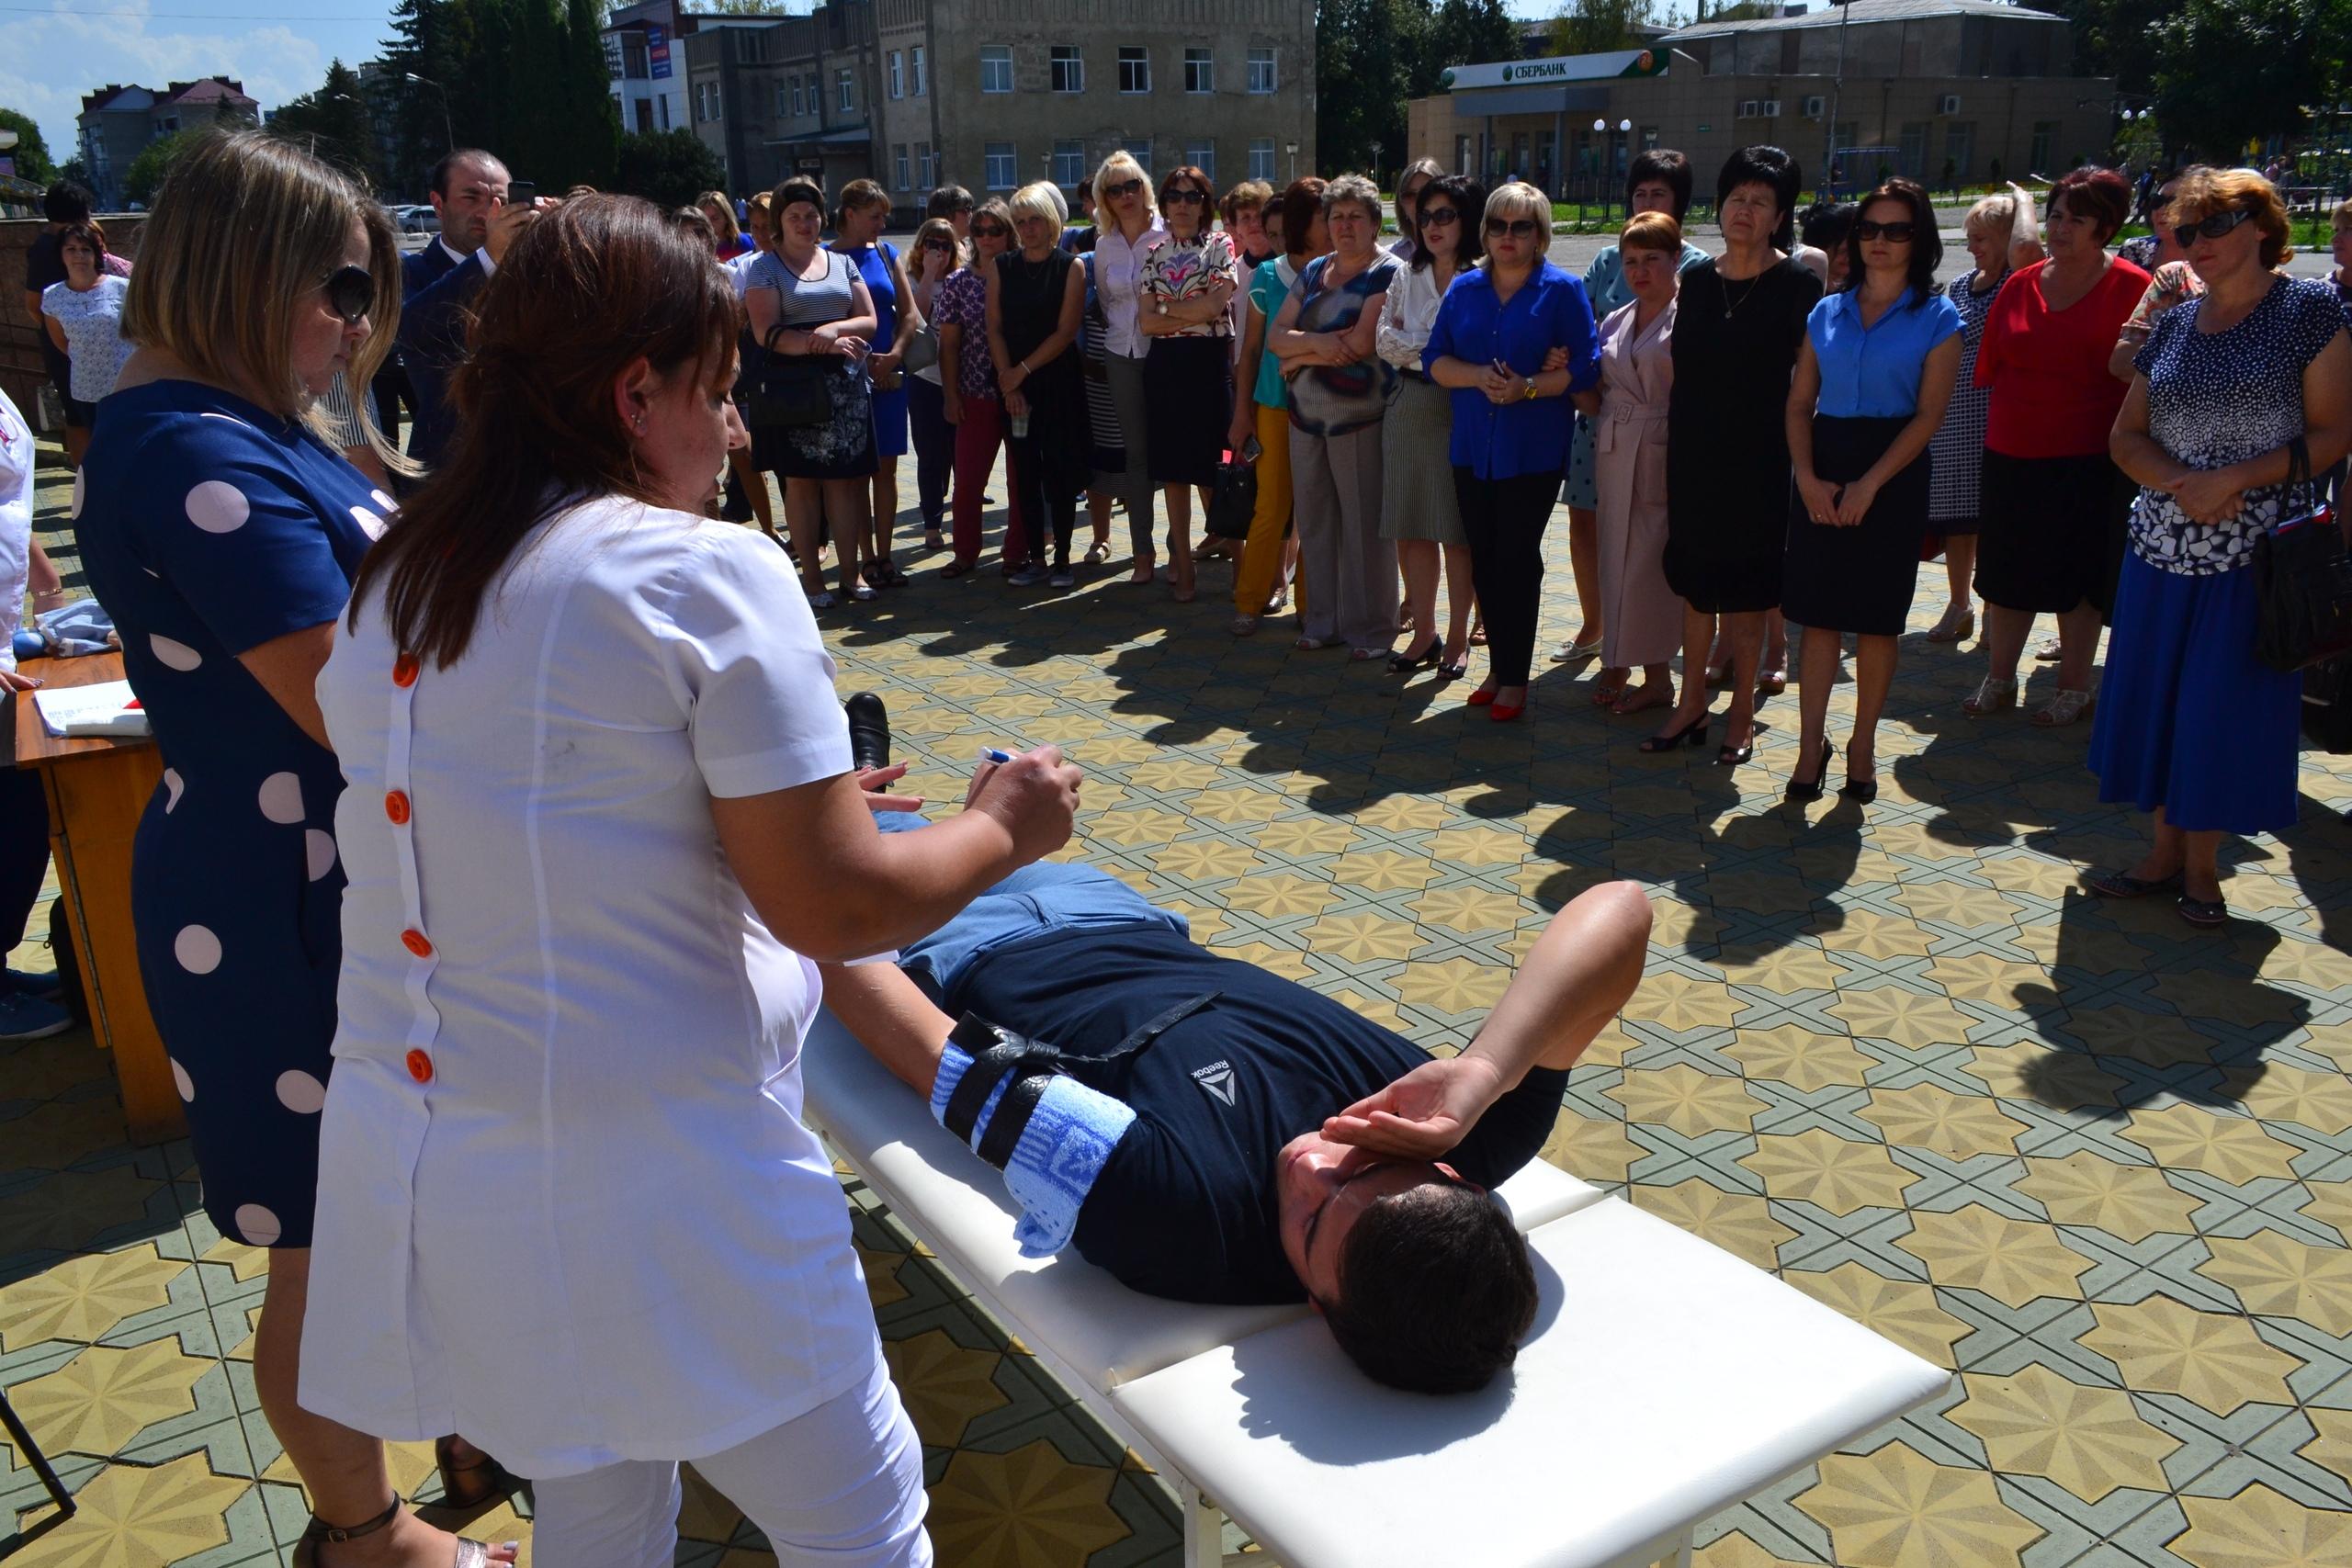 Жителям Зеленчукской рассказали о том, как необходимо оказывать первую доврачебную помощь